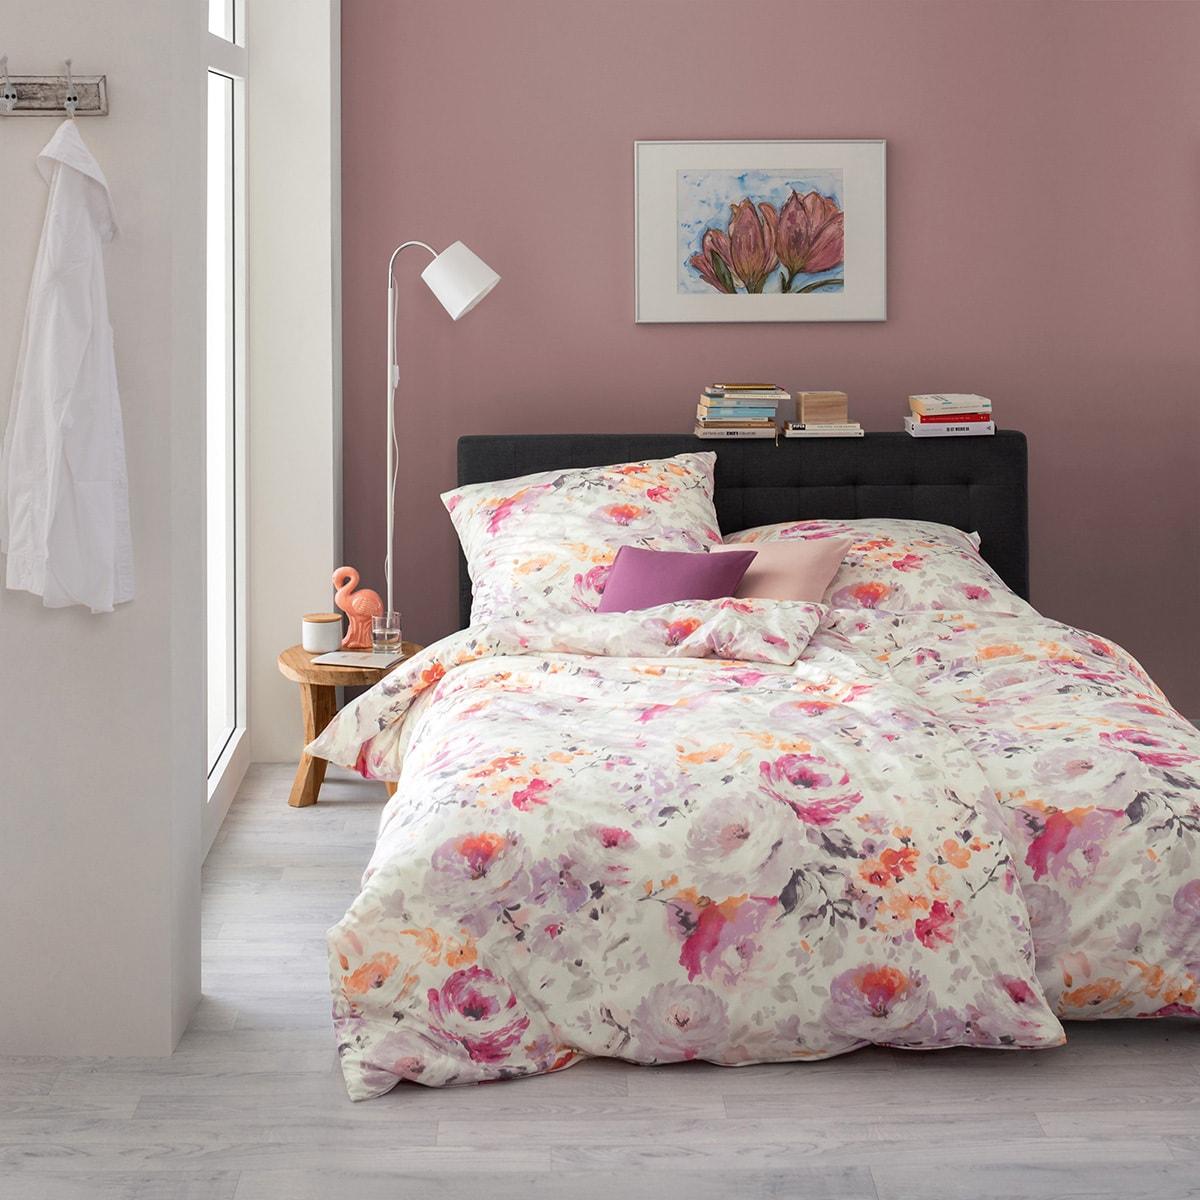 estella mako interlock jersey bettw sche viola flieder g nstig online kaufen bei bettwaren shop. Black Bedroom Furniture Sets. Home Design Ideas